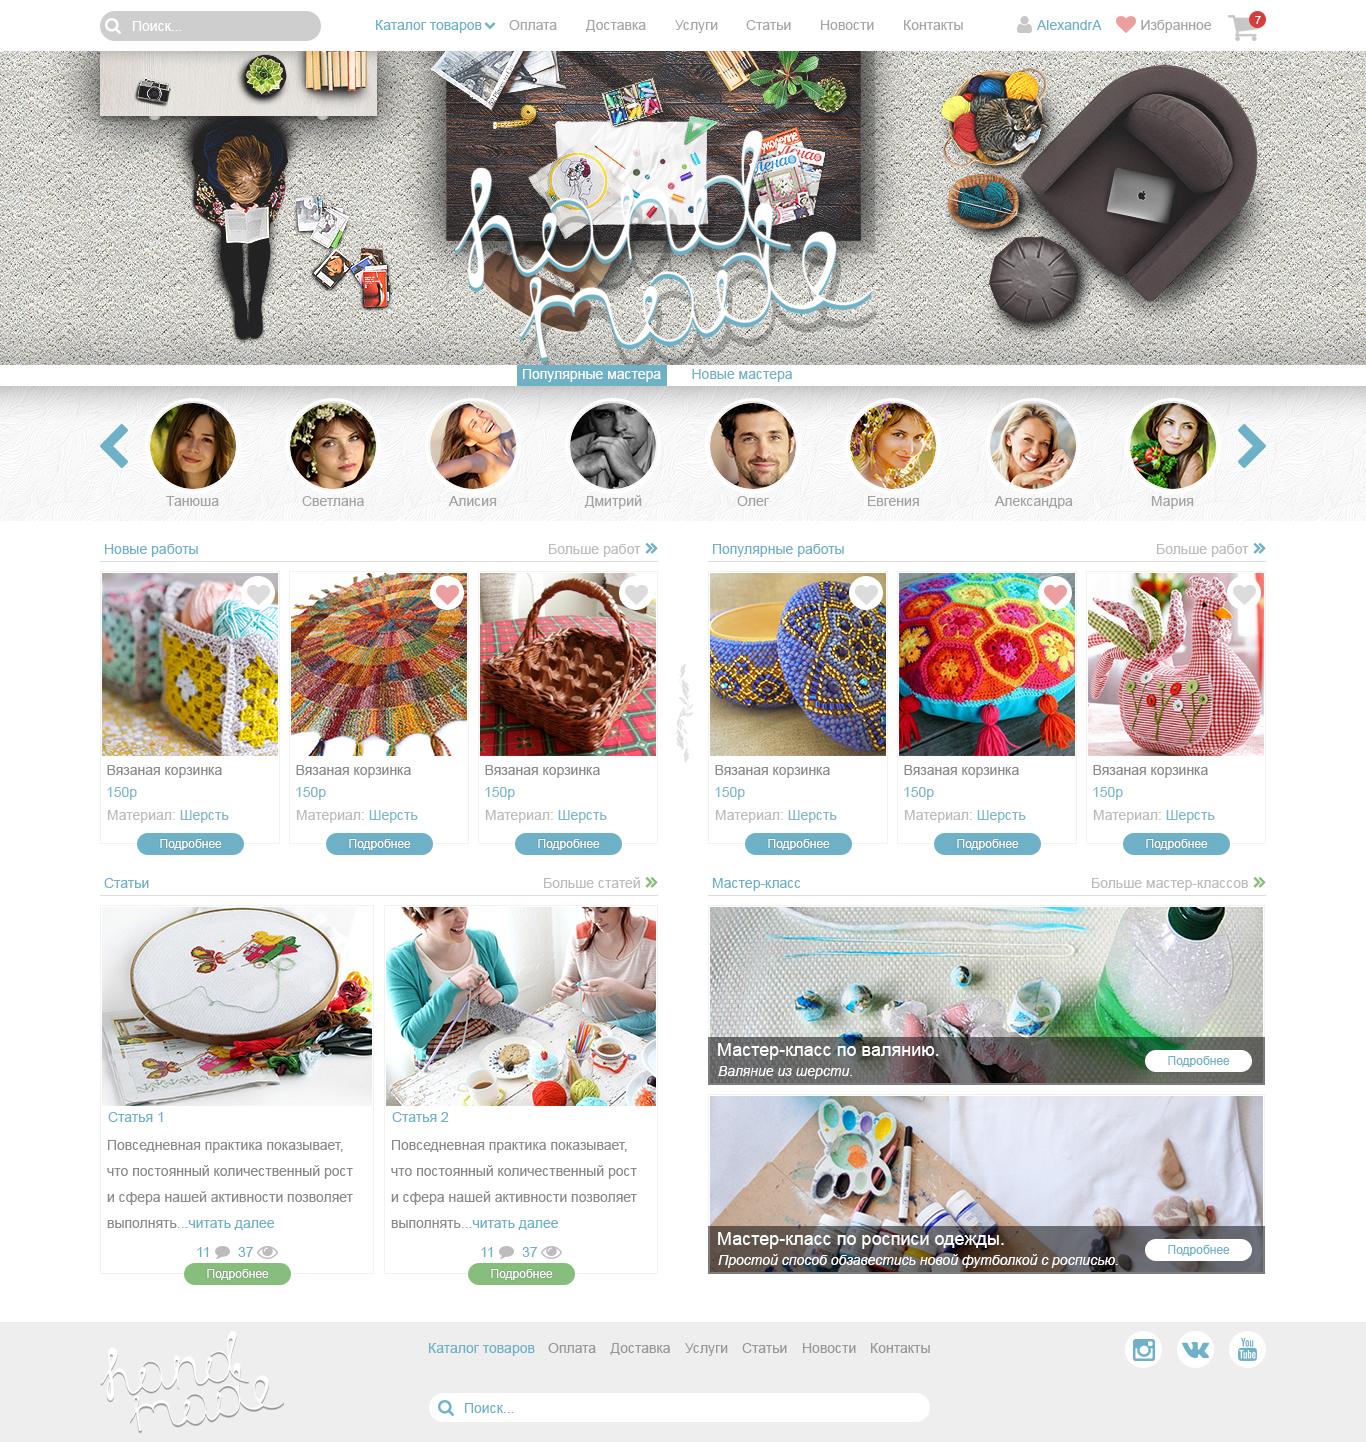 Разработка дизайна портала по тематике handmade. фото f_10958780afc05393.jpg